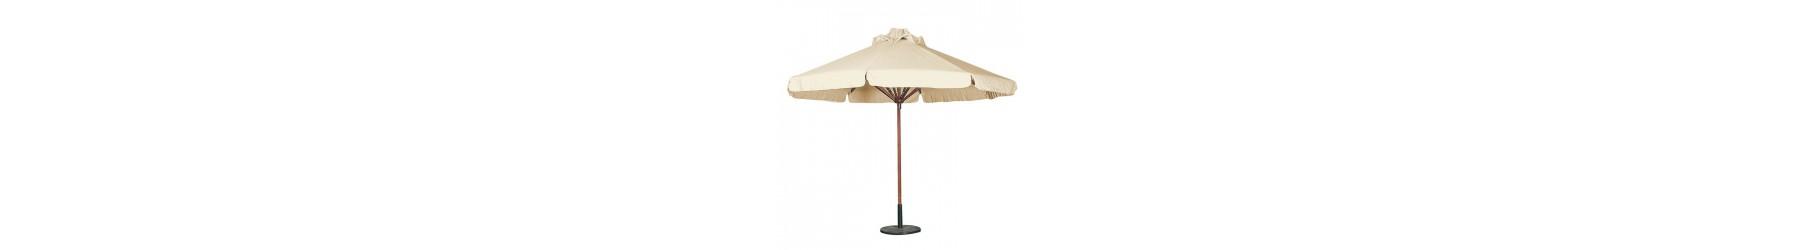 Ξύλινες ομπρέλες για το κήπο ή τη πισίνα.